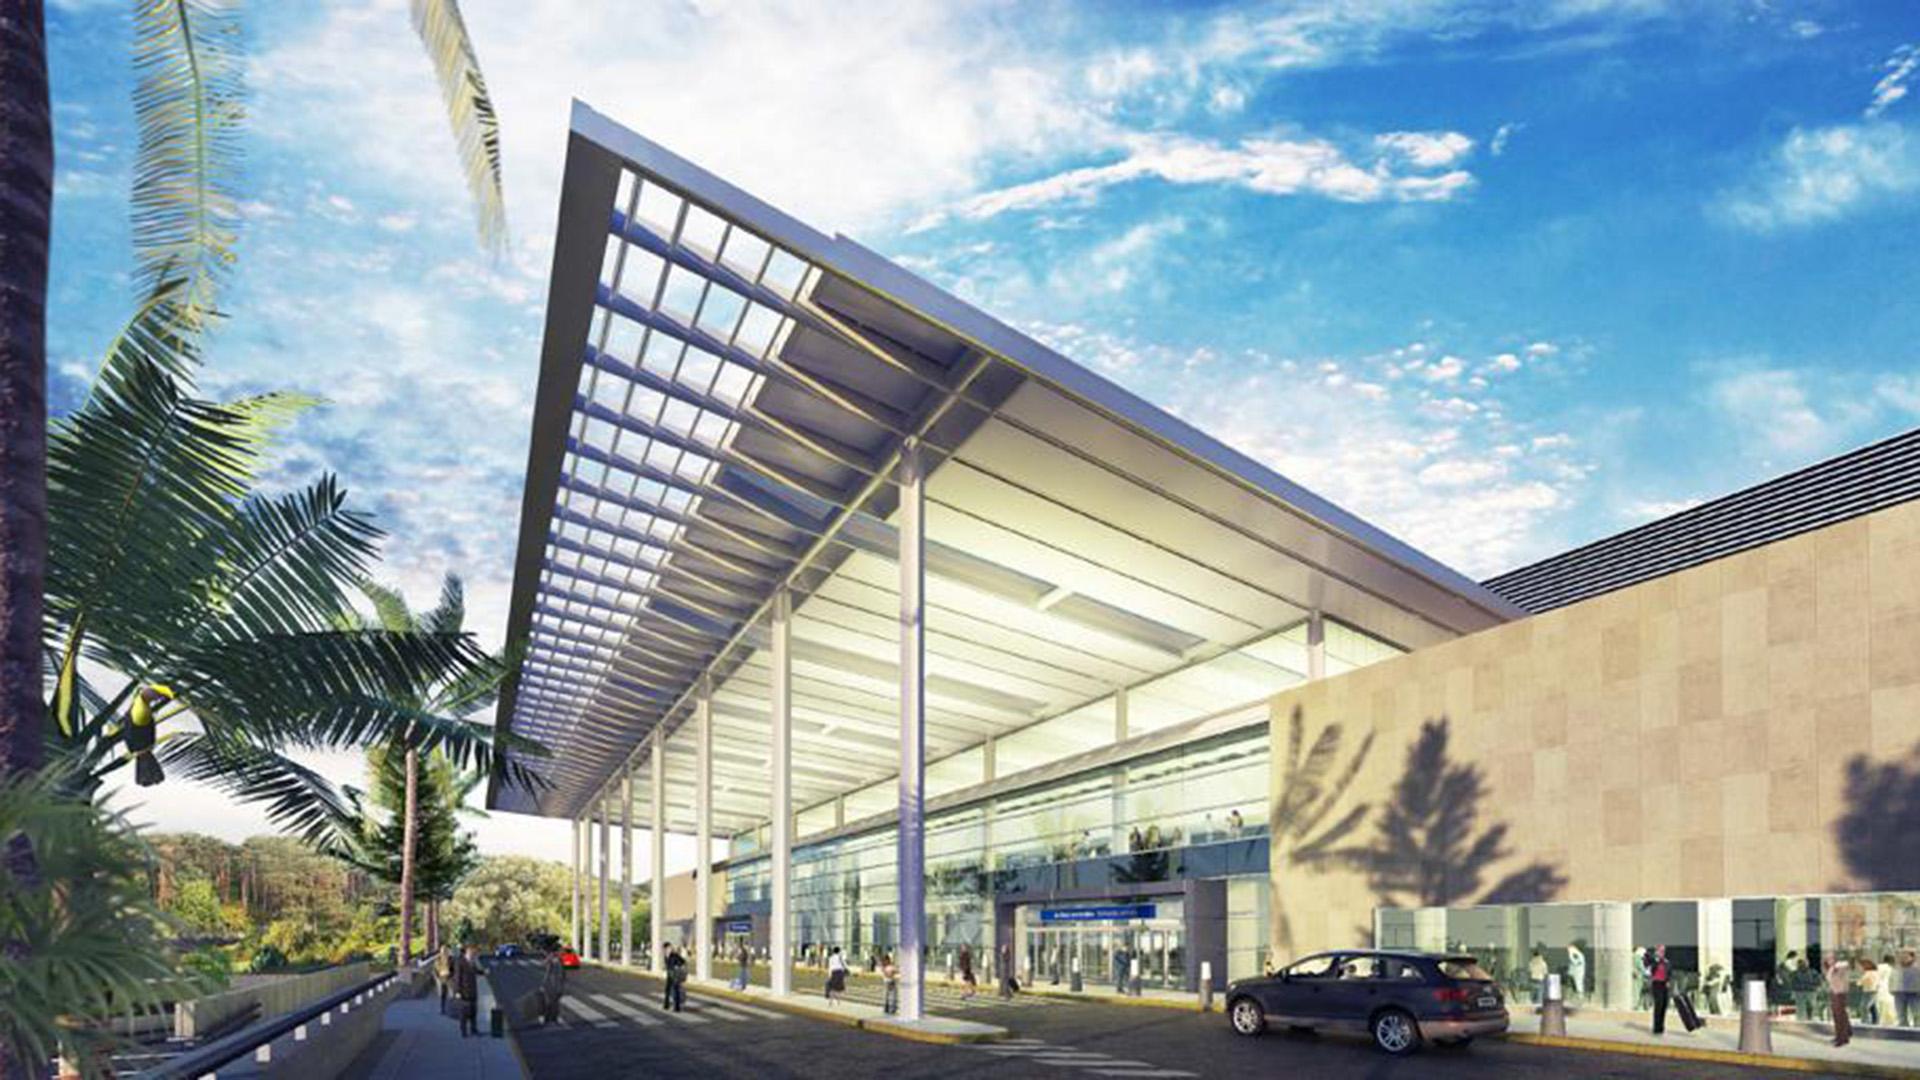 El techo se extiende hacia el exterior para proteger el ingreso y descenso de pasajeros